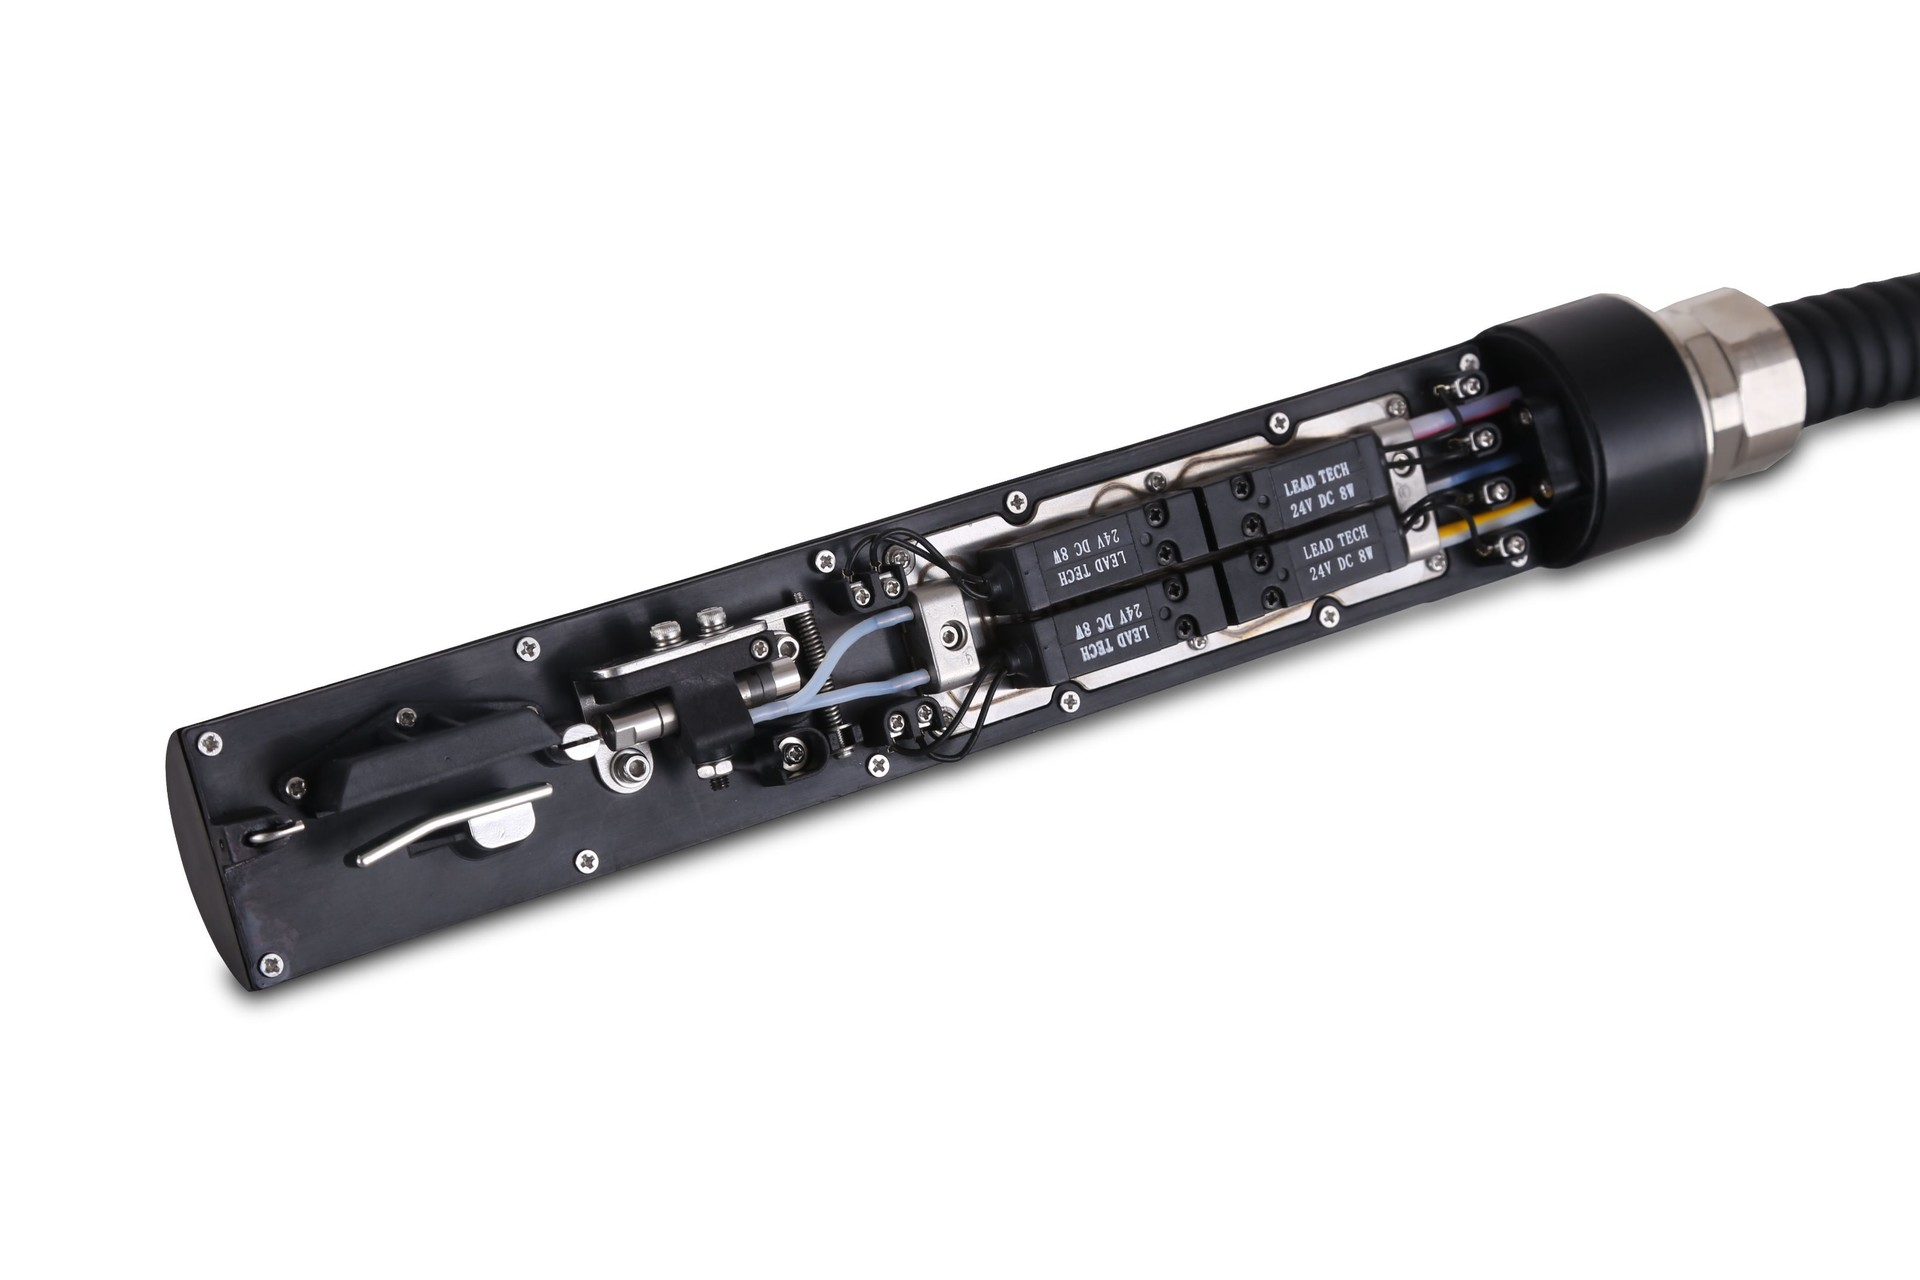 Lead Tech Lt710 Cij Inkjet Printer for Plastic film